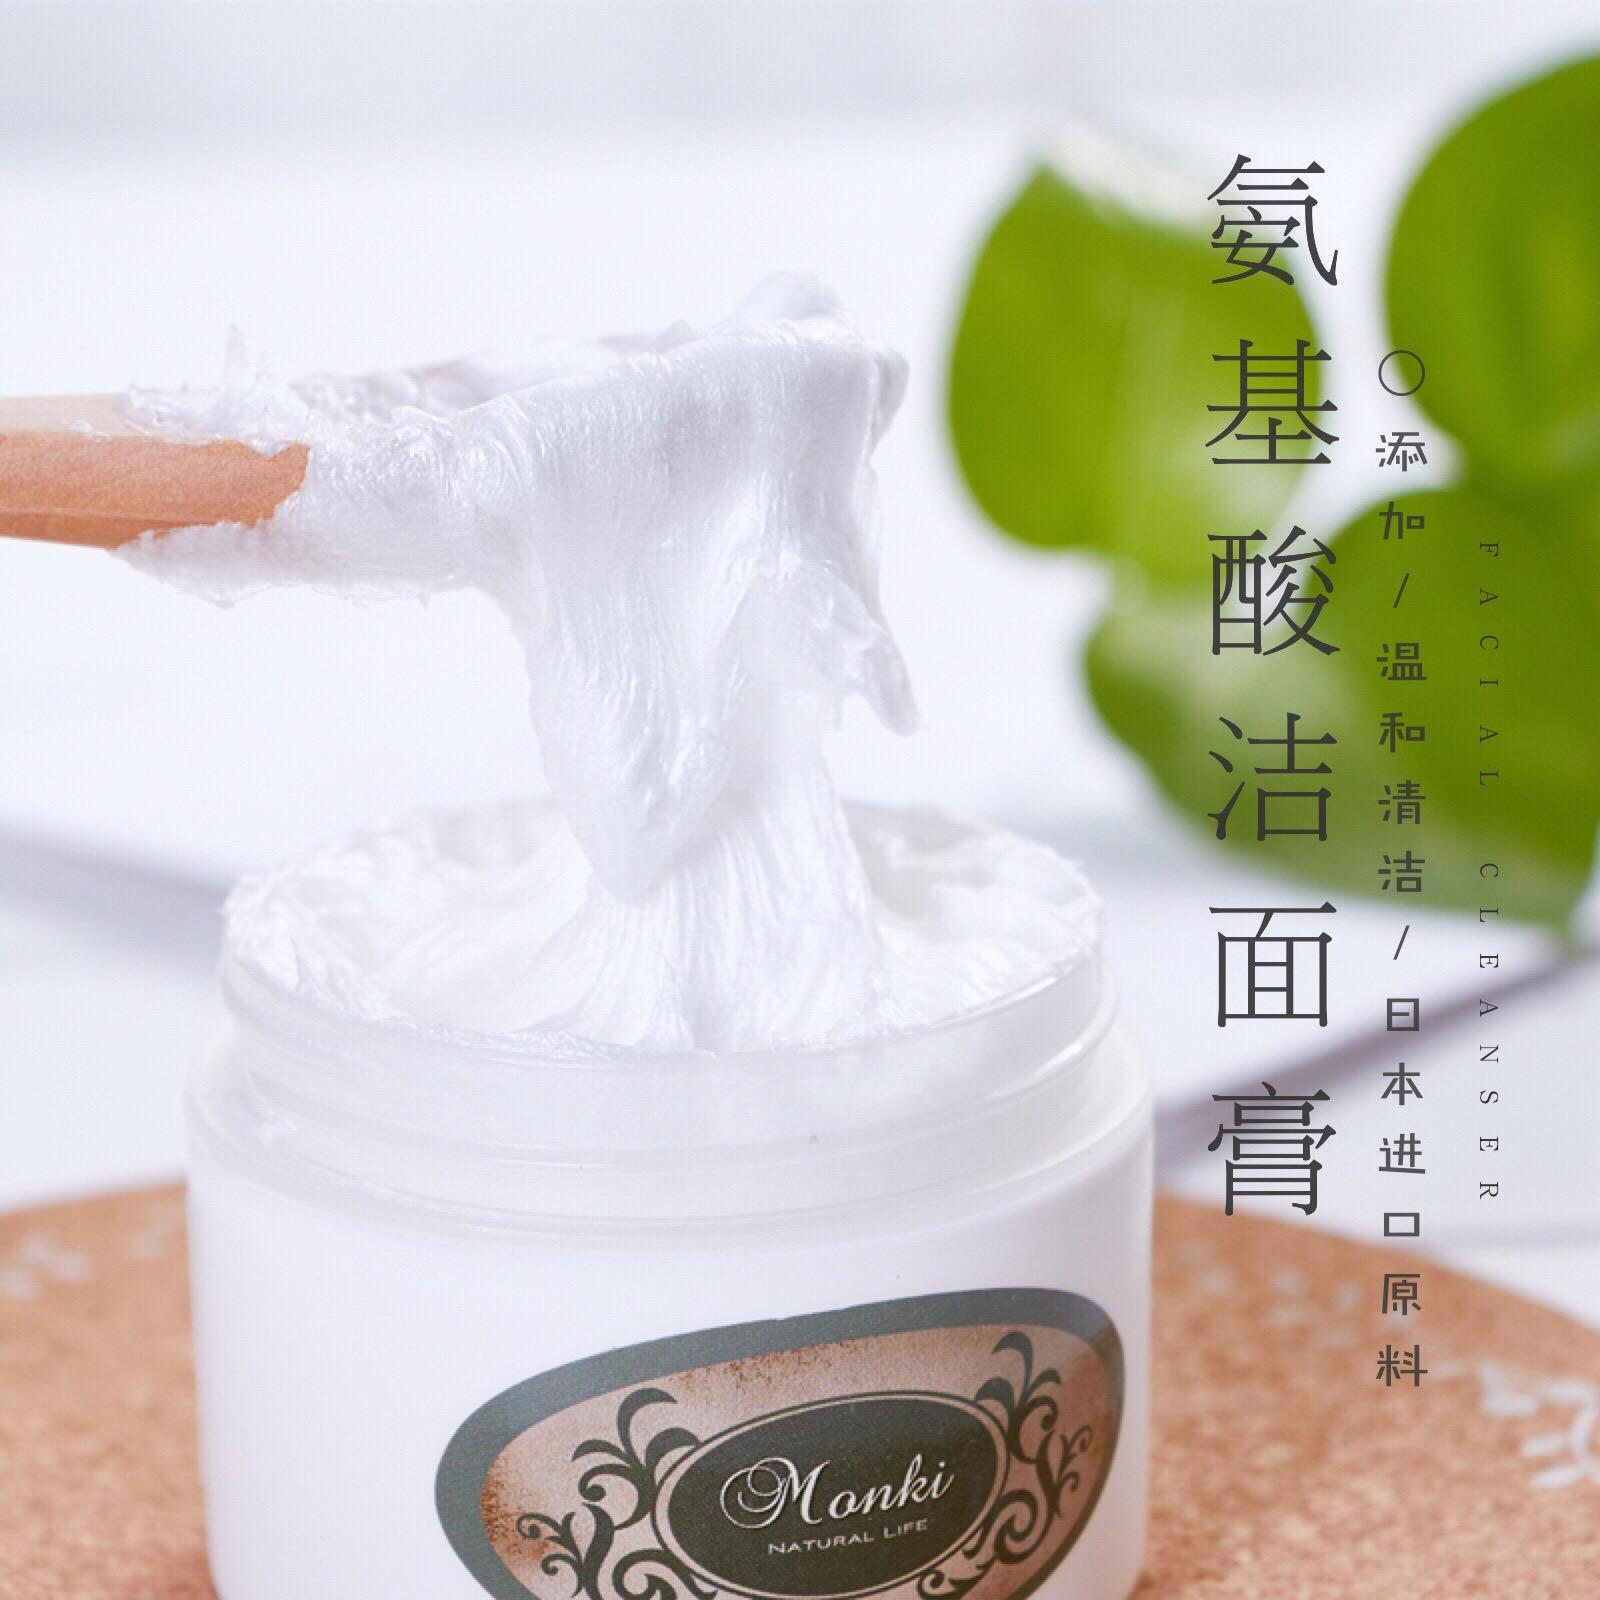 Monki日本進口味之素原料 氨基酸潔面膏洗面奶溫和深層清潔不緊繃